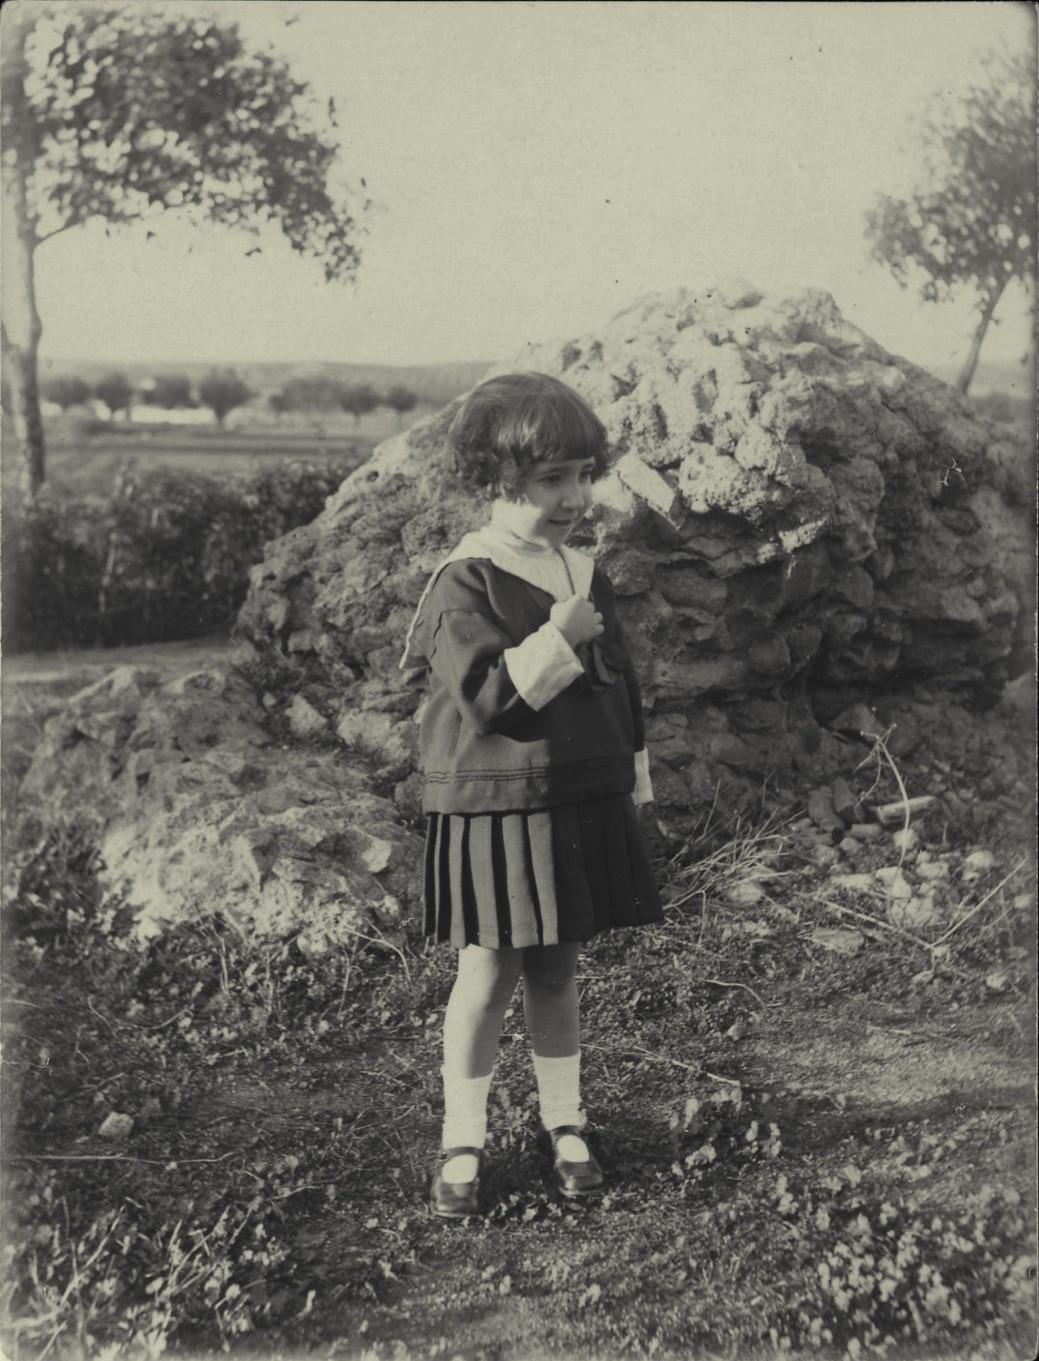 x.-Antonia, hija del pintor, en el Circo Romano 1922